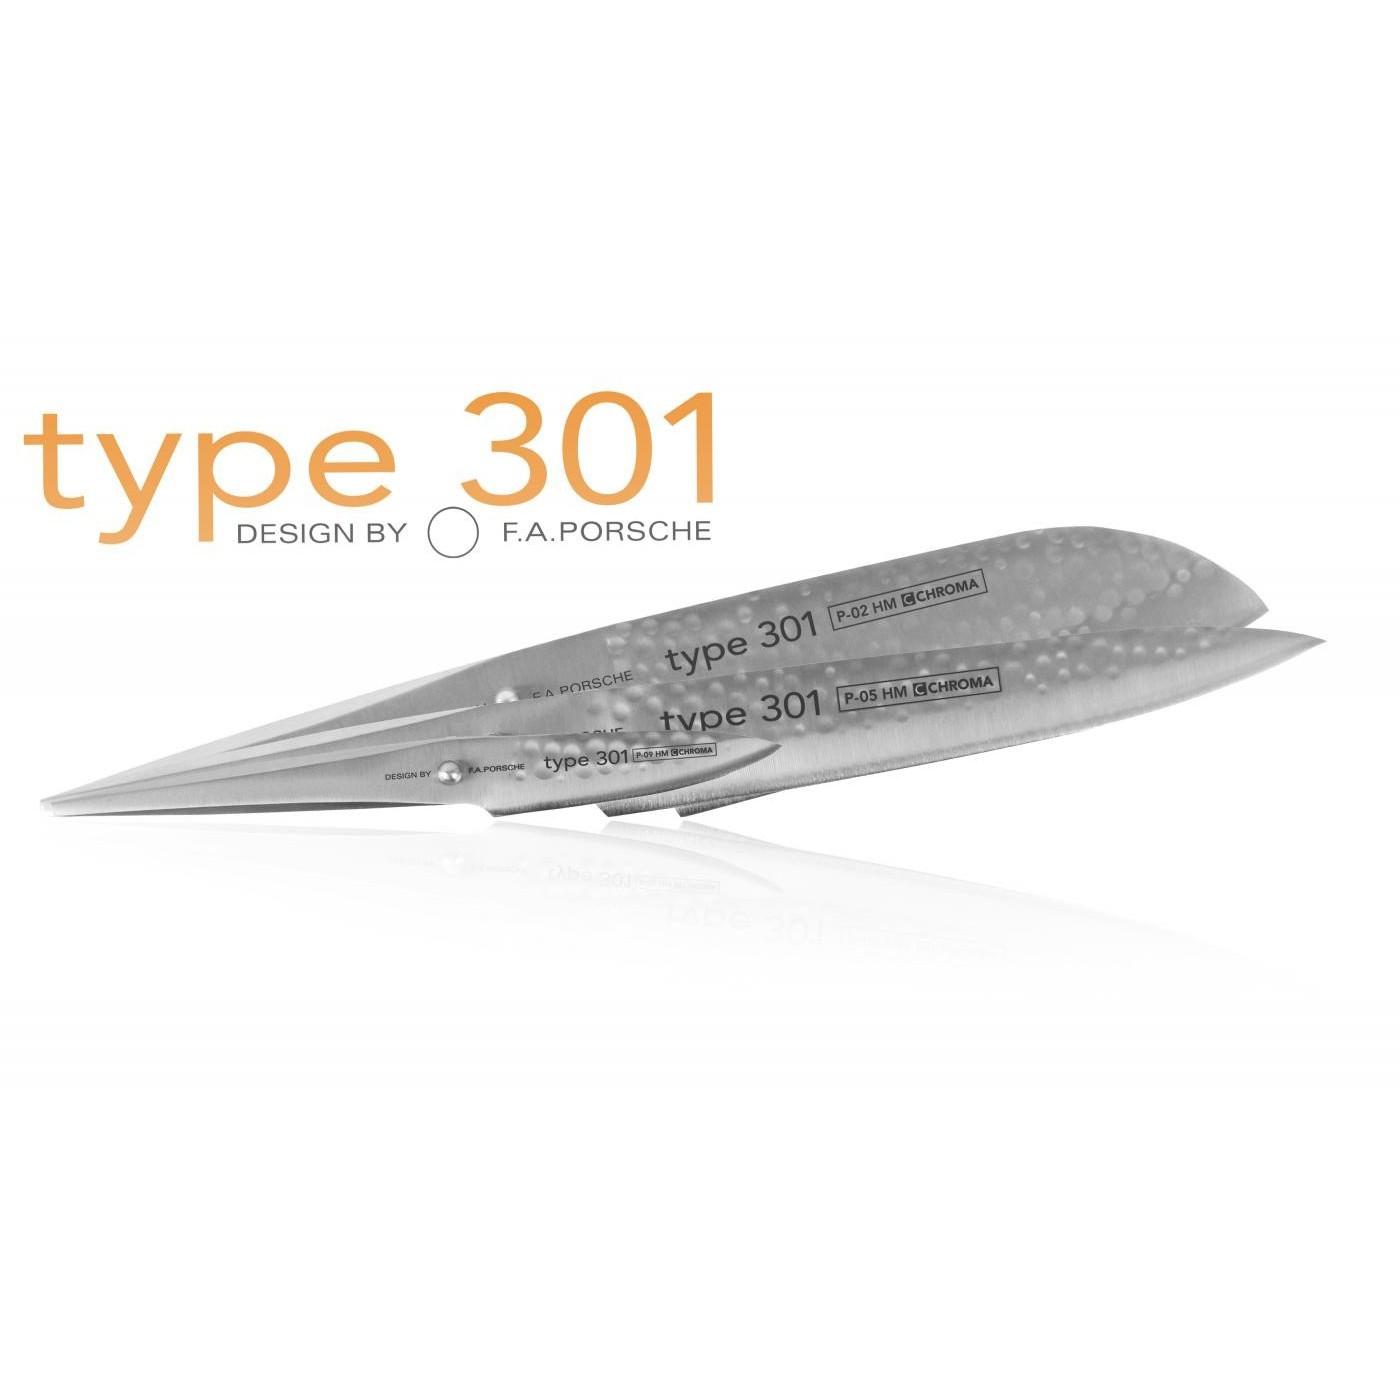 Ensemble de 3 couteaux Type 301 Design by F.A. Porsche HM en coffret bois P529HM